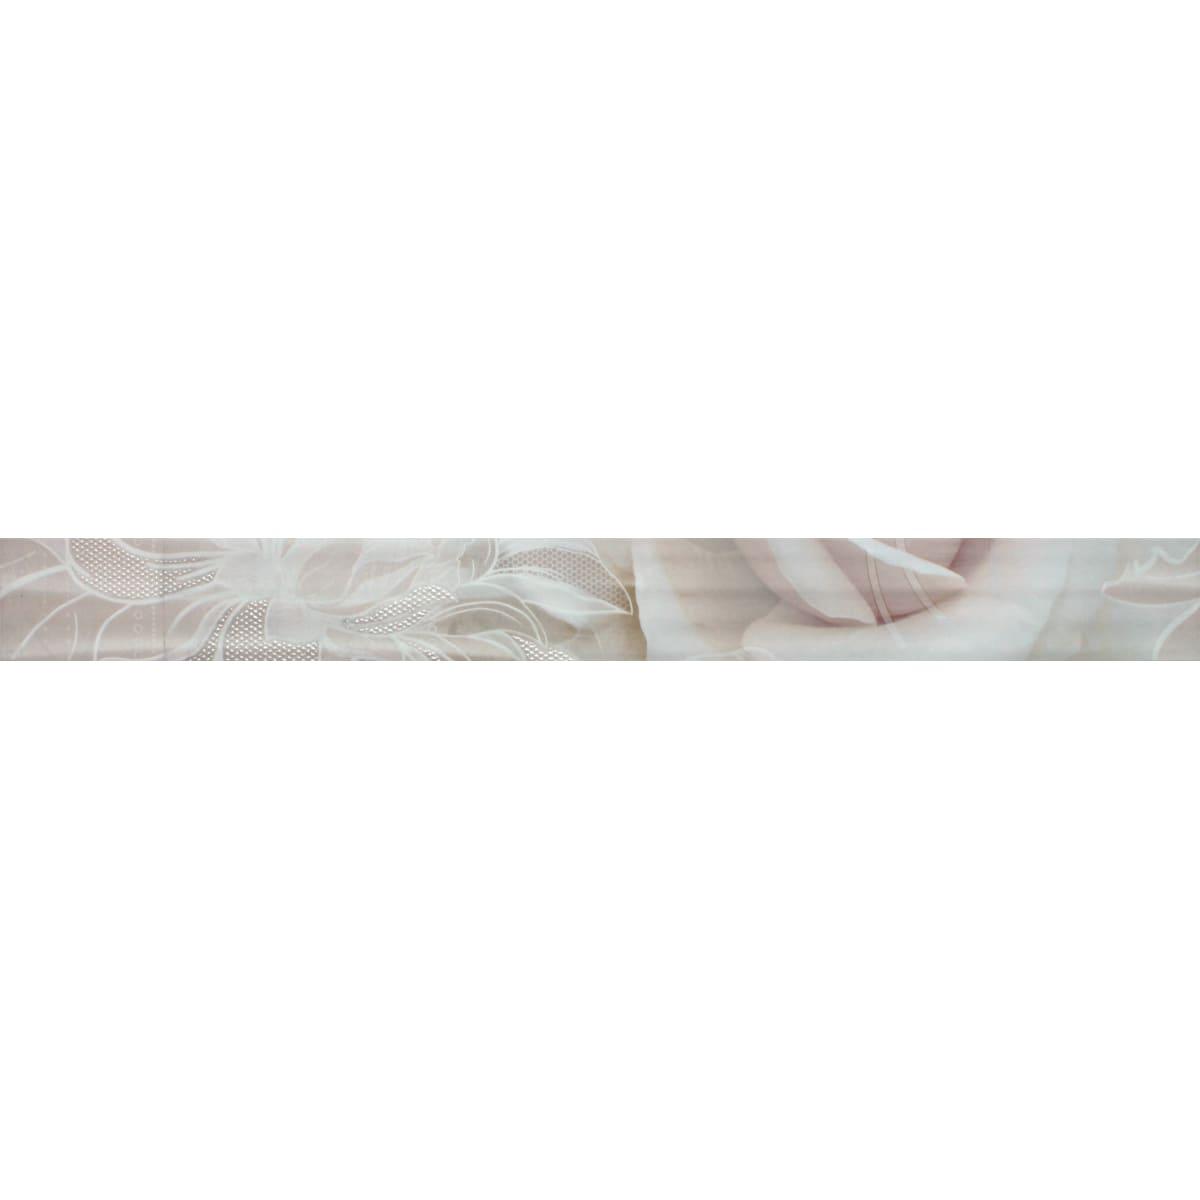 Бордюр «Kamelia» 5x50 см цвет бежевый